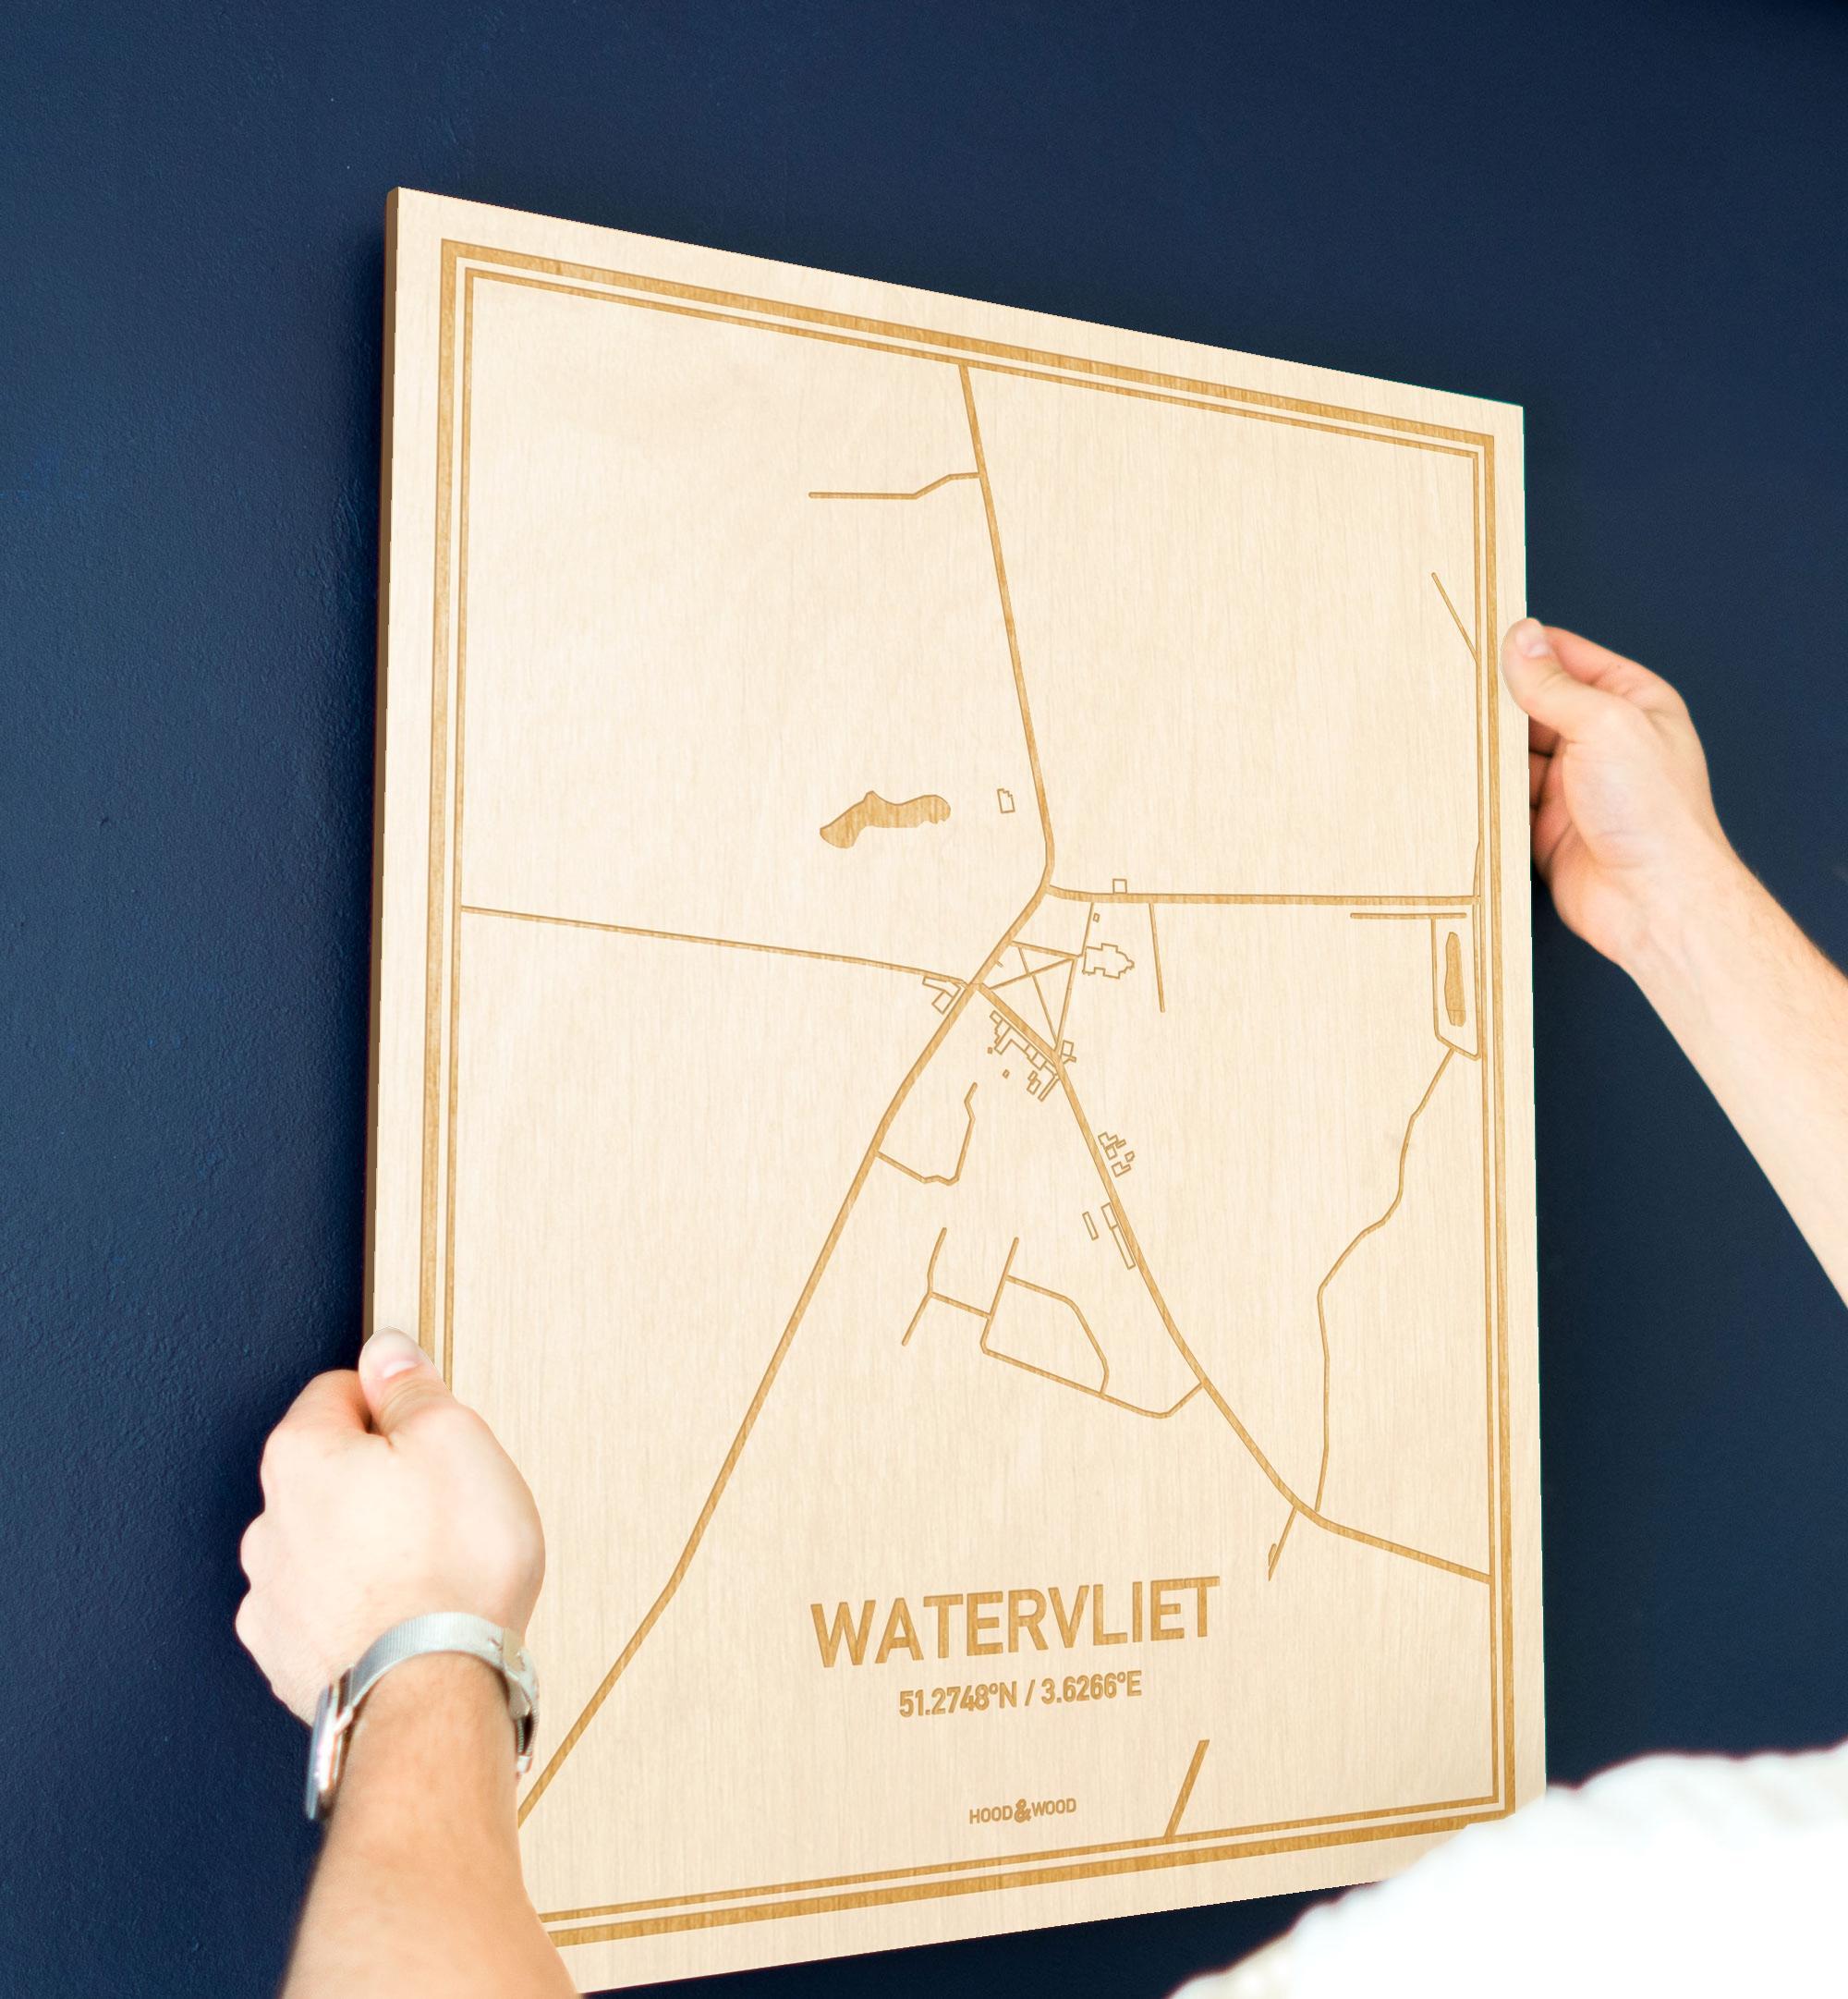 Een man hangt de houten plattegrond Watervliet aan zijn blauwe muur ter decoratie. Je ziet alleen zijn handen de kaart van deze speciale in Oost-Vlaanderen  vasthouden.